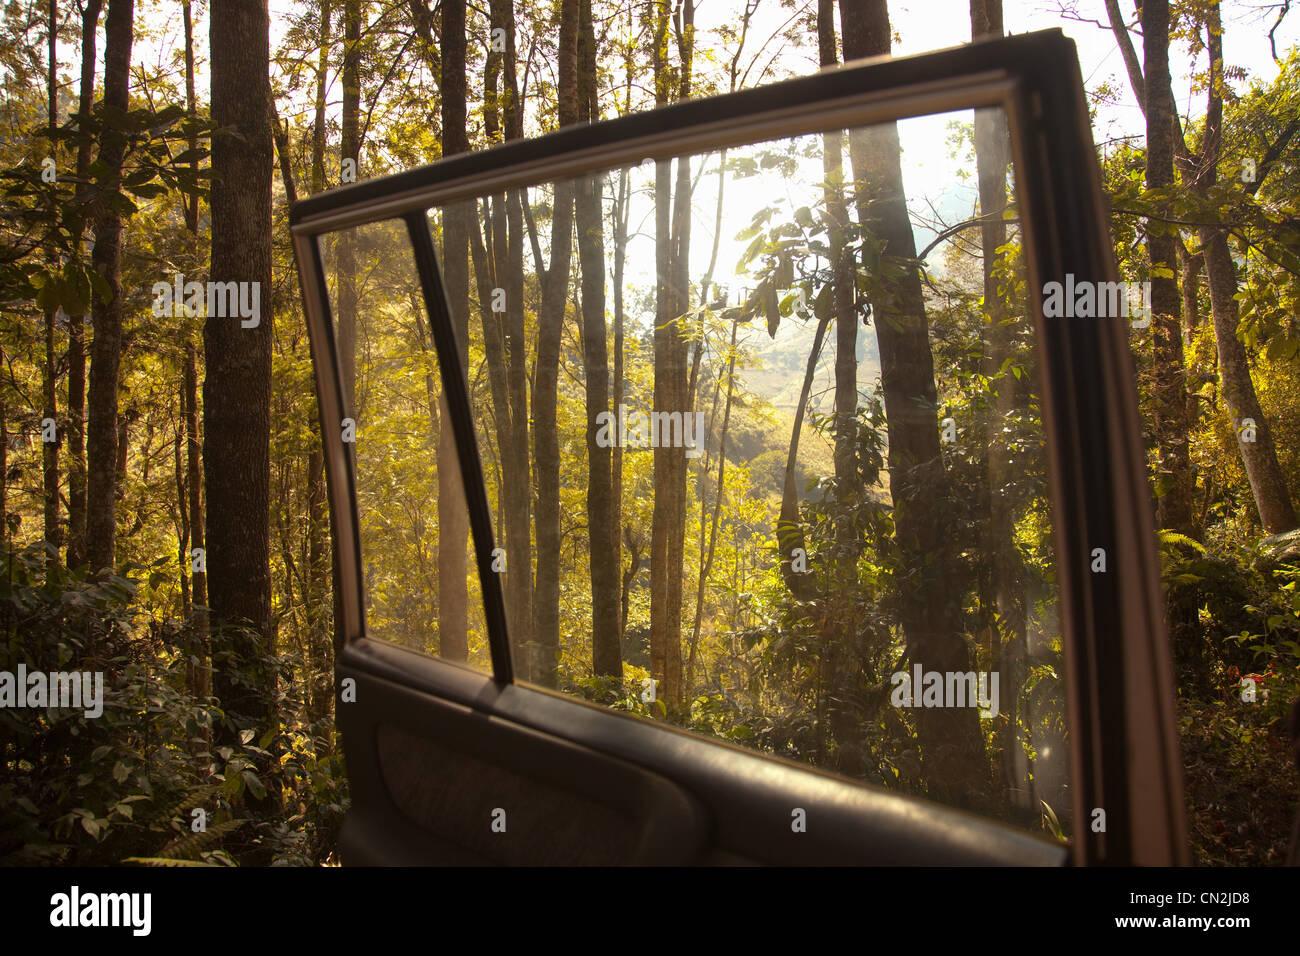 Forest seen from open car door - Stock Image